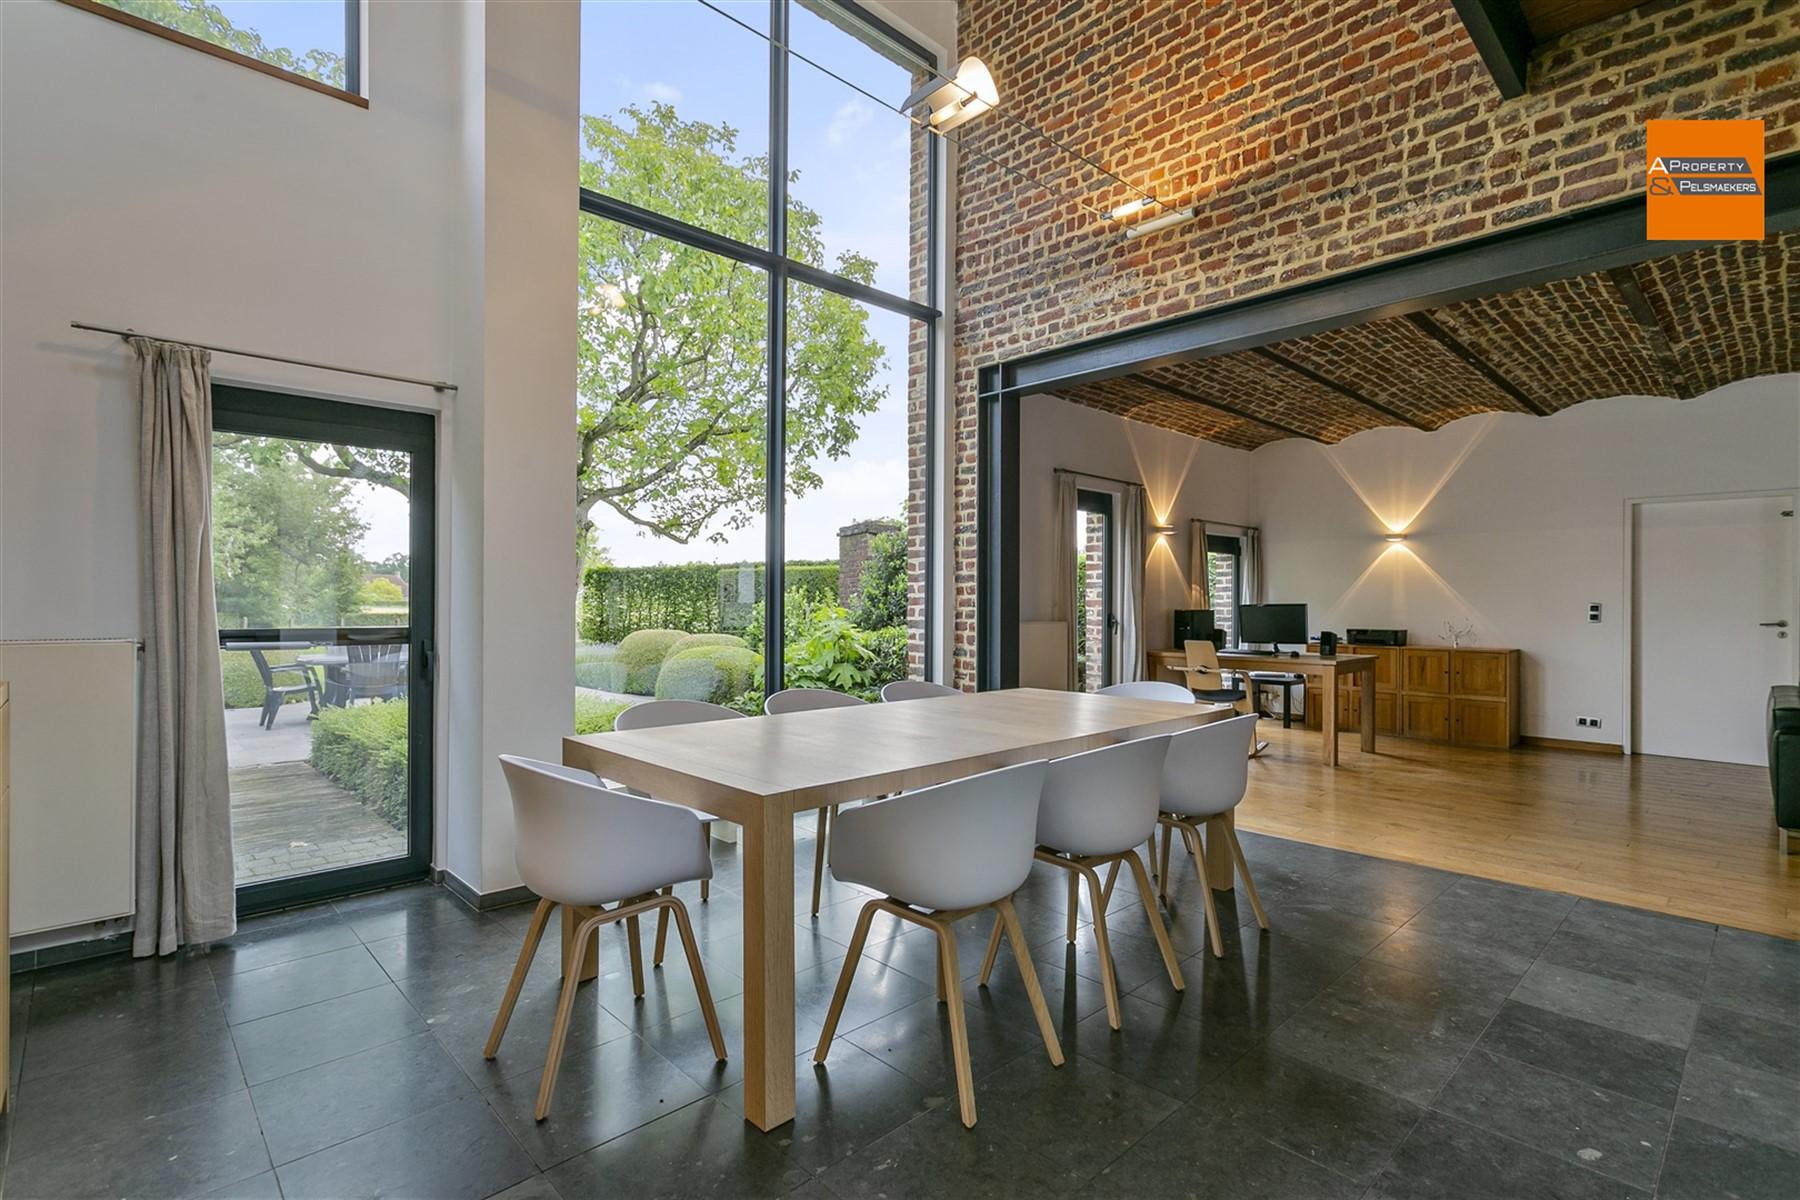 Foto 3 : Huis in 3078 EVERBERG (België) - Prijs € 690.000